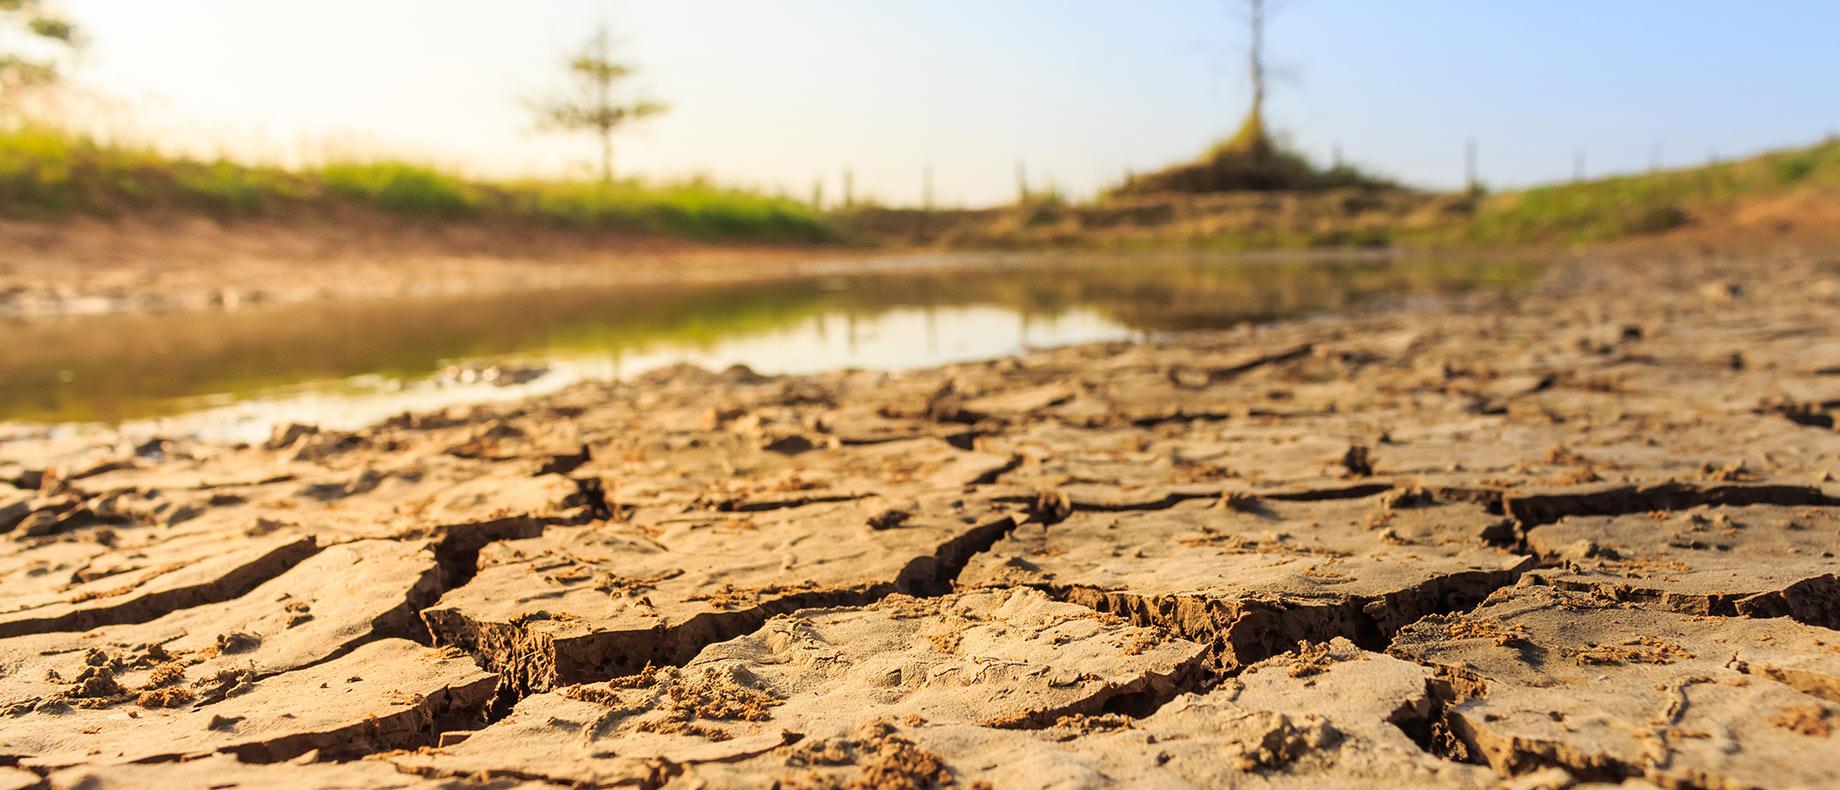 PIB e produção mundial serão afetados até 2050 por escassez de água, alerta ONU - Portal de Cidadania do Instituto Claro